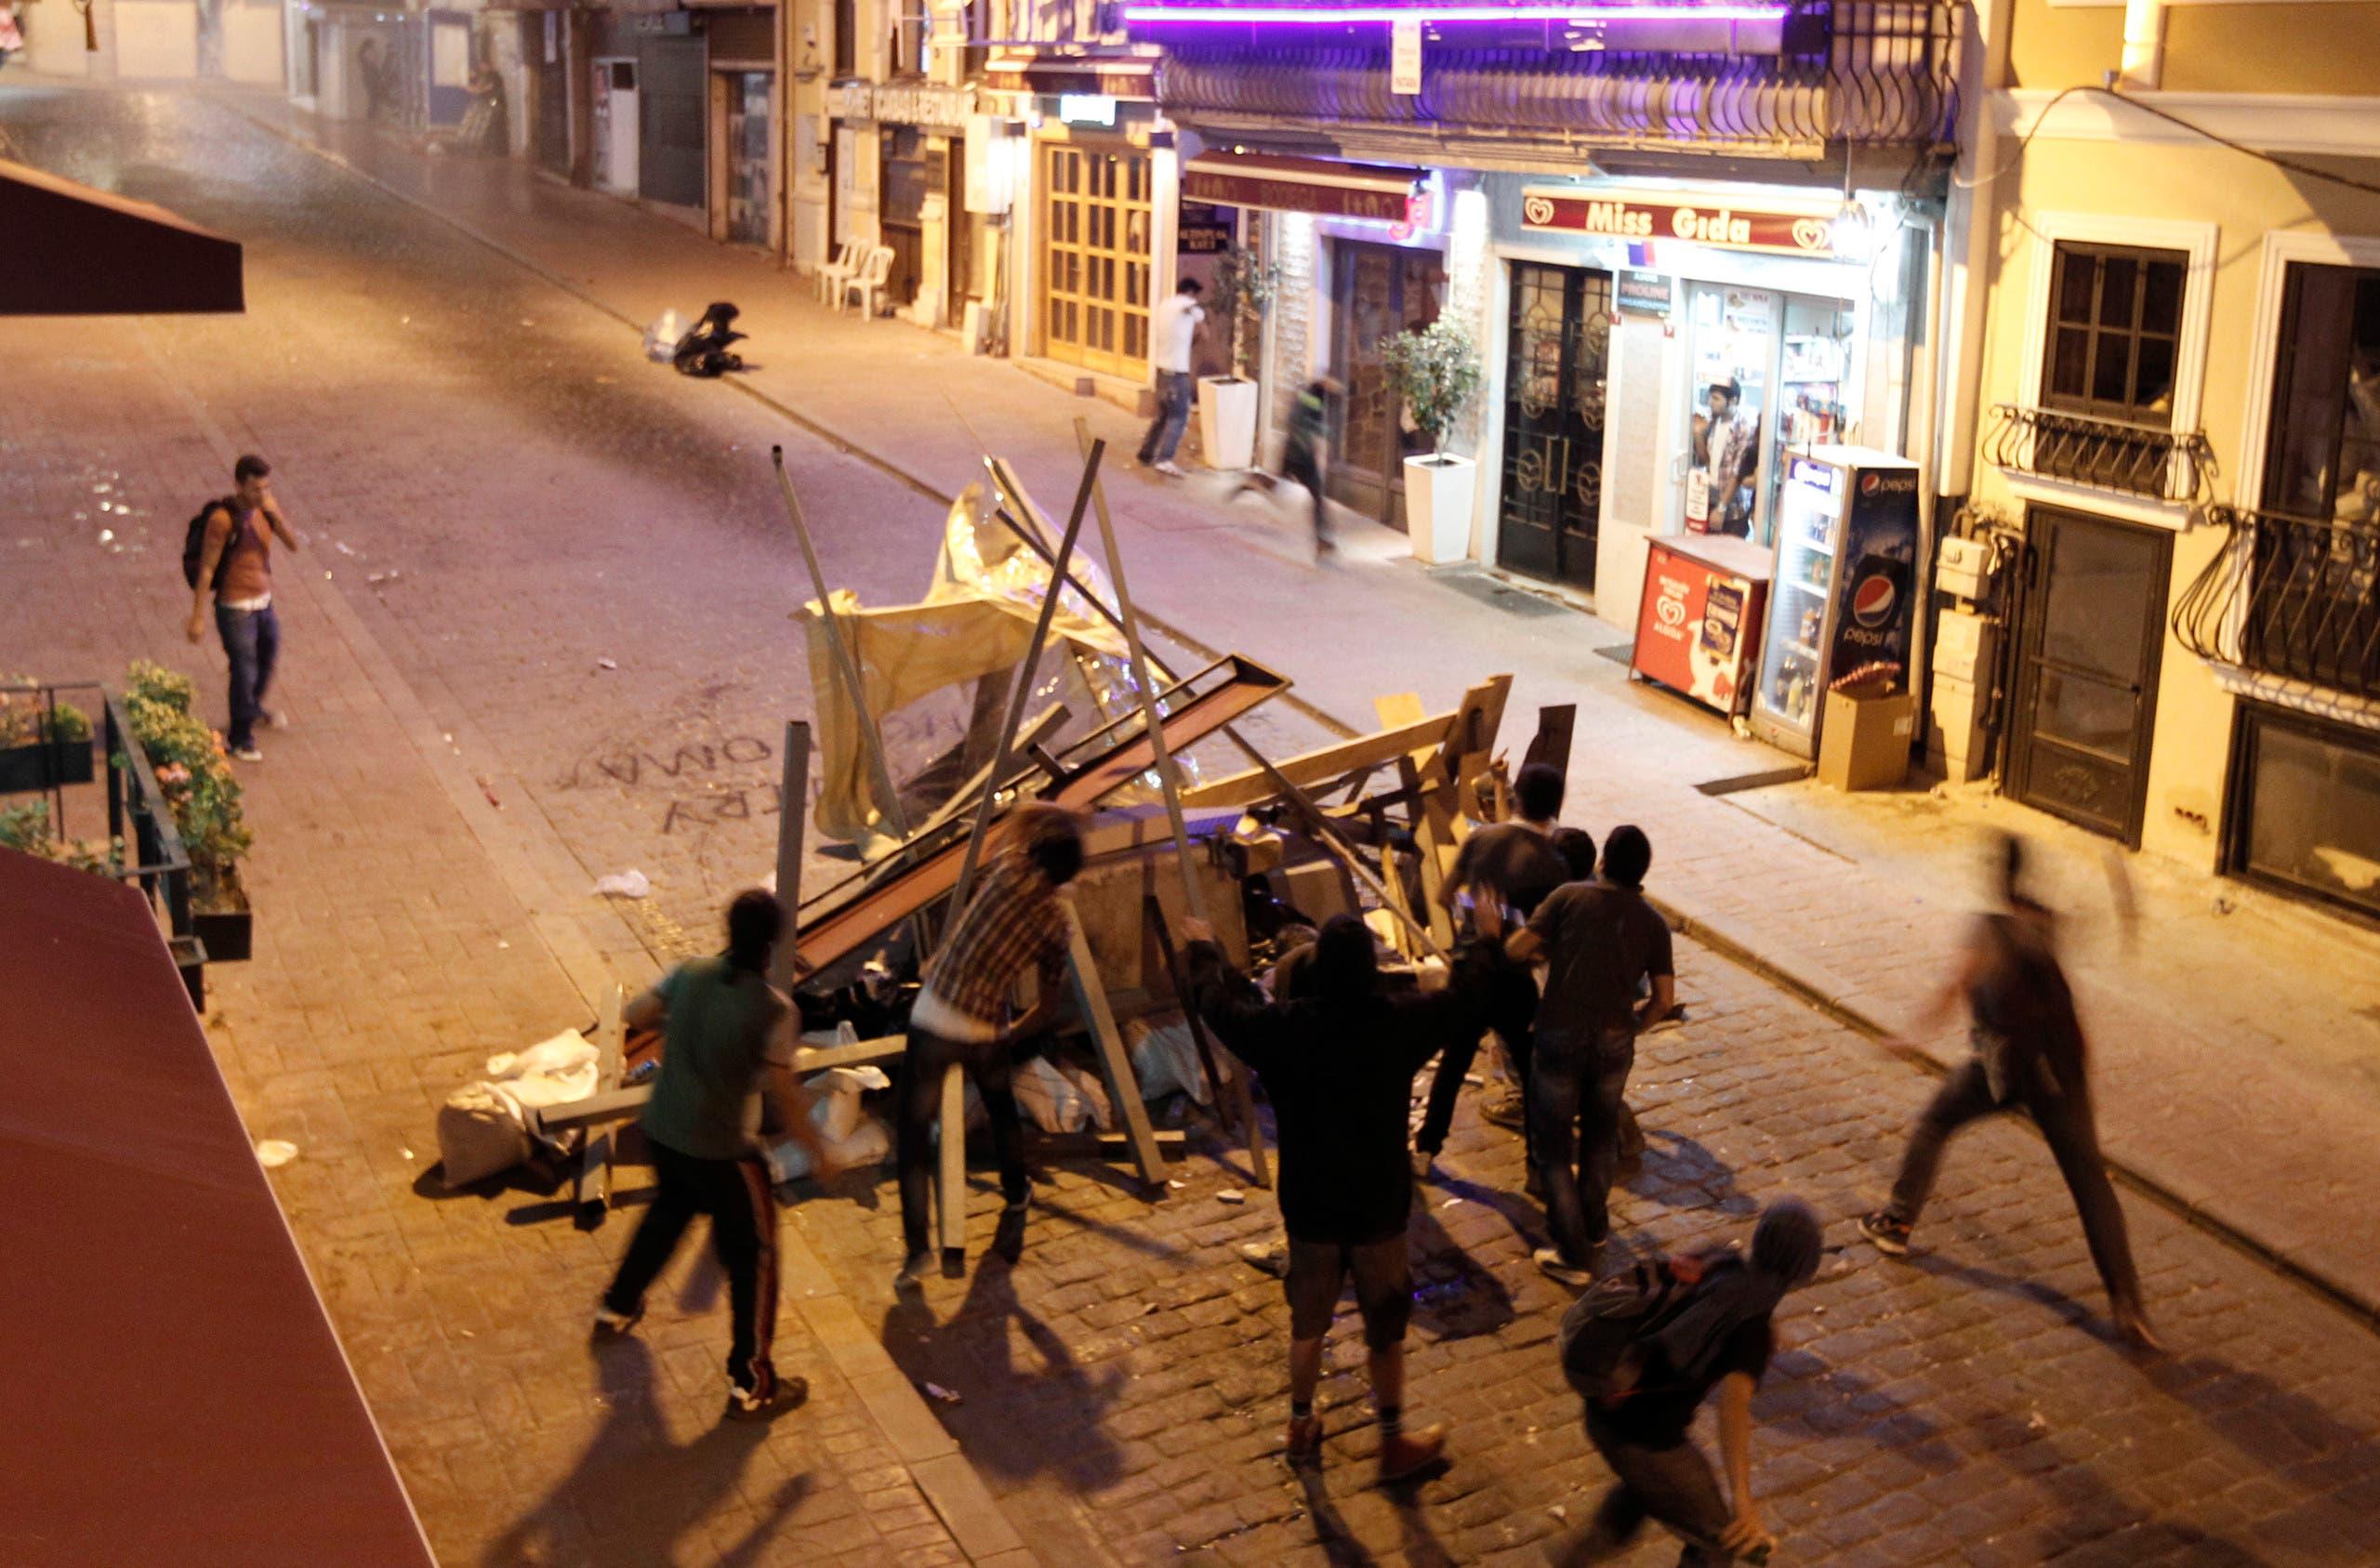 من الاحتجاجات على تحويل حديقة غيزي الى مركز تجاري عام 2014